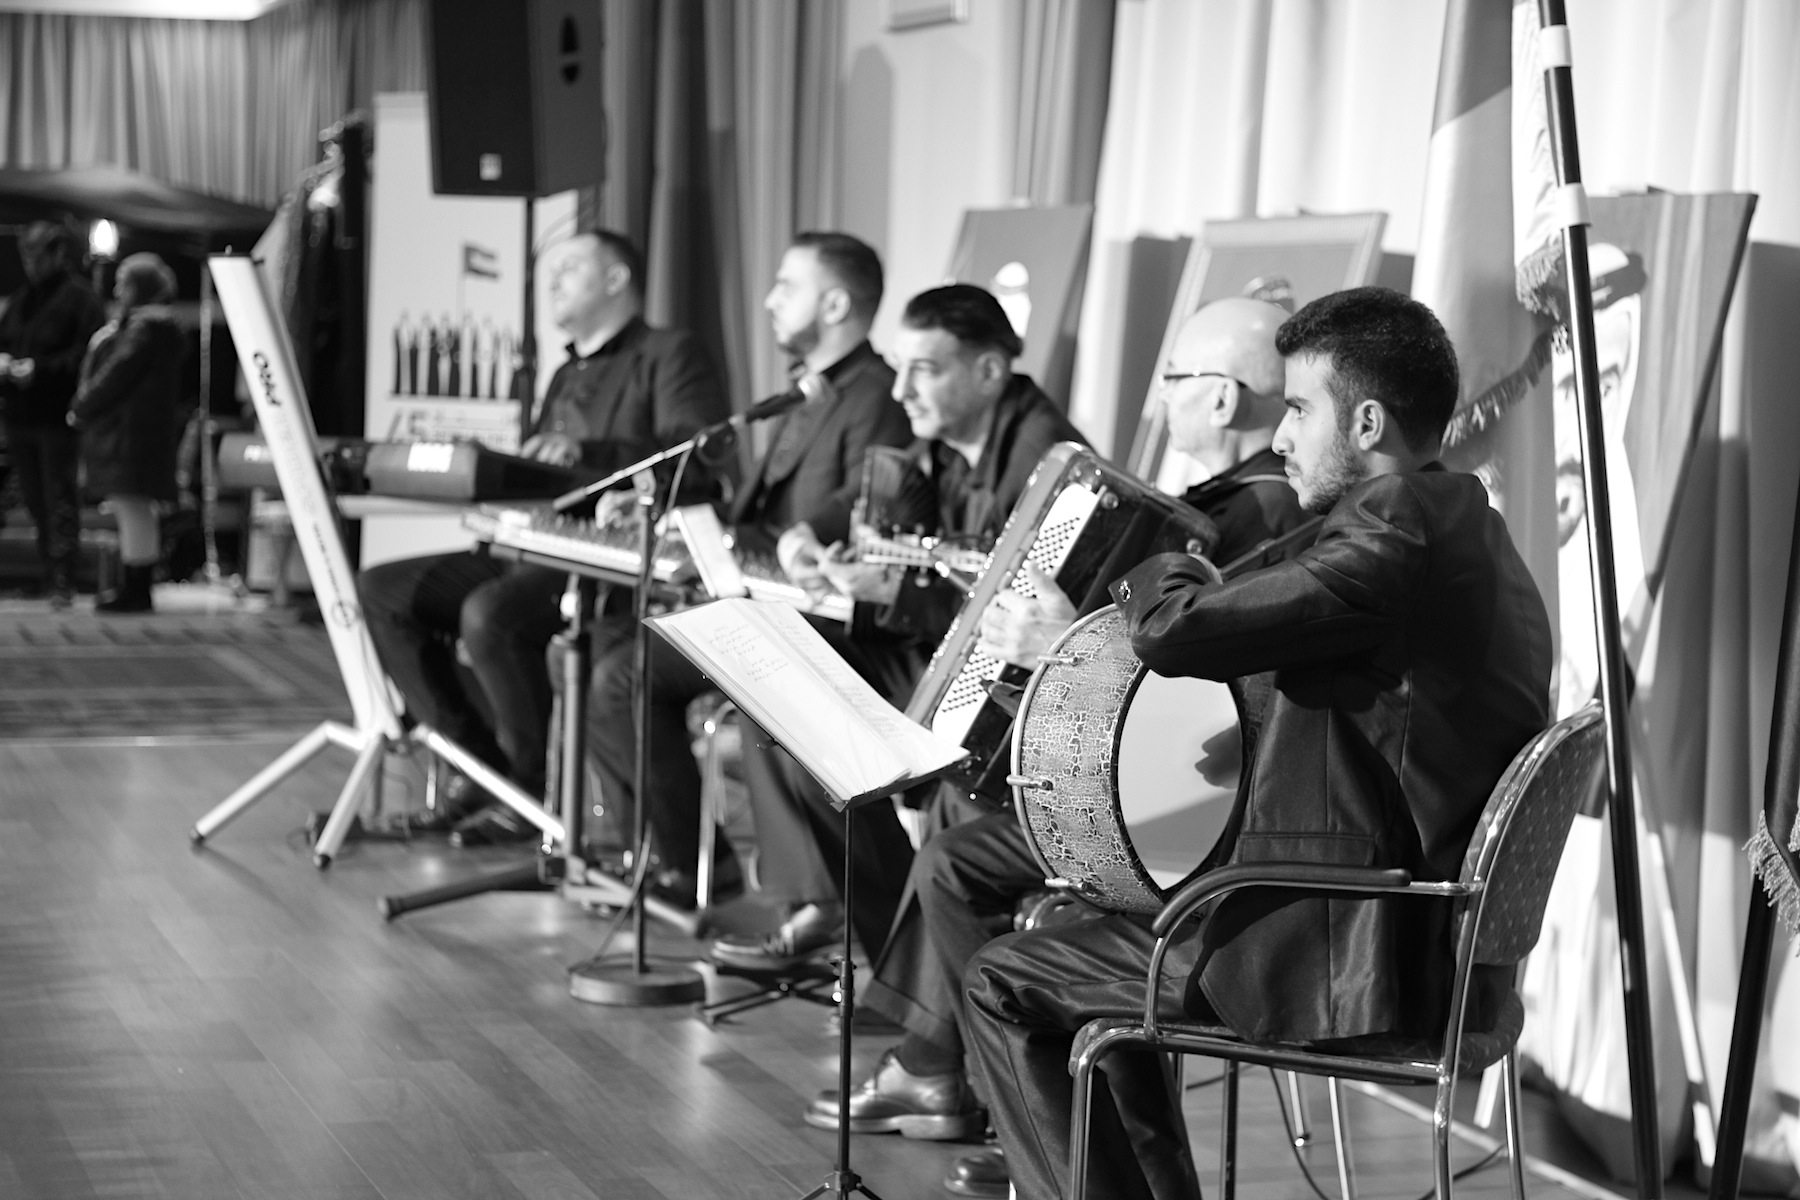 Musik. Zum Nationalfeiertag des Landes kamen weit über 500 Gäste aus Politik, Kultur und dem Diplomatenbetrieb, musikalisch untermalt.